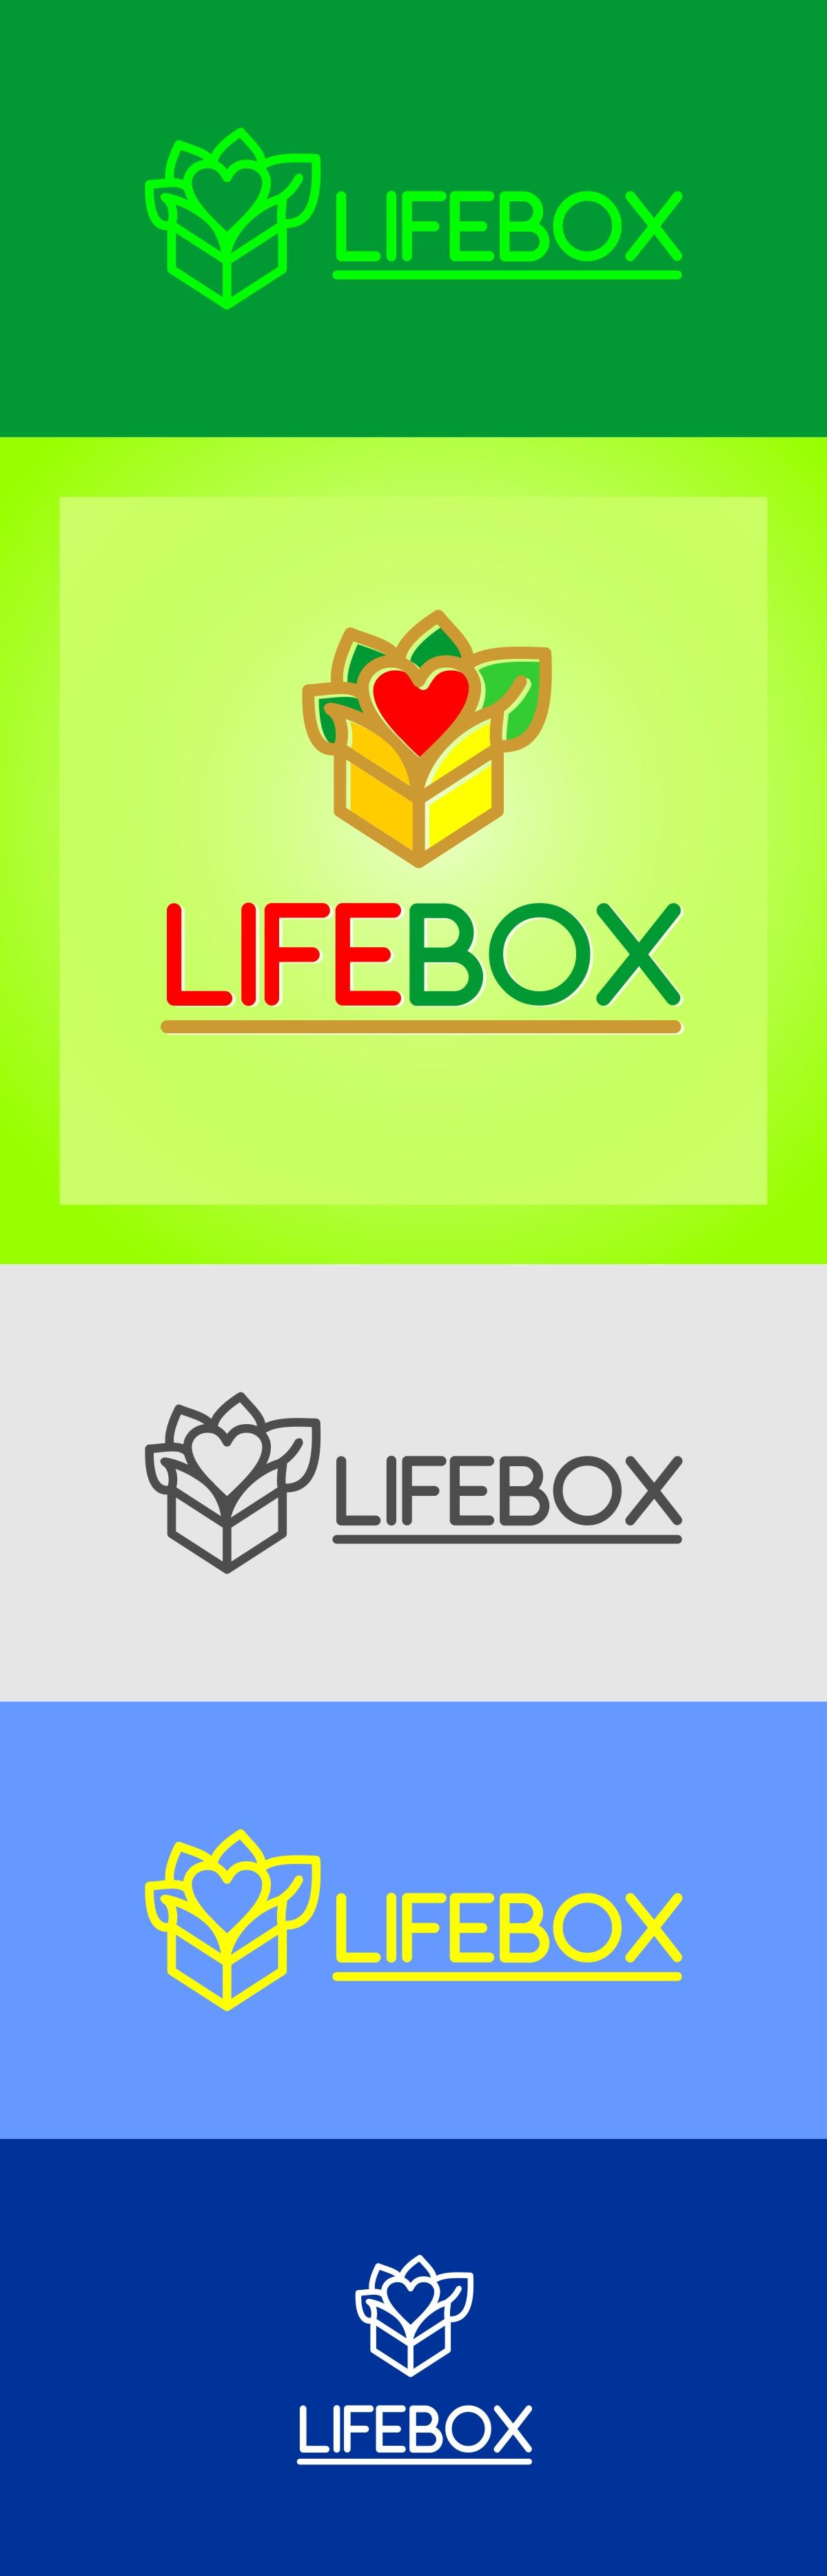 Разработка Логотипа. Победитель получит расширеный заказ  фото f_6775c23cc6249739.jpg